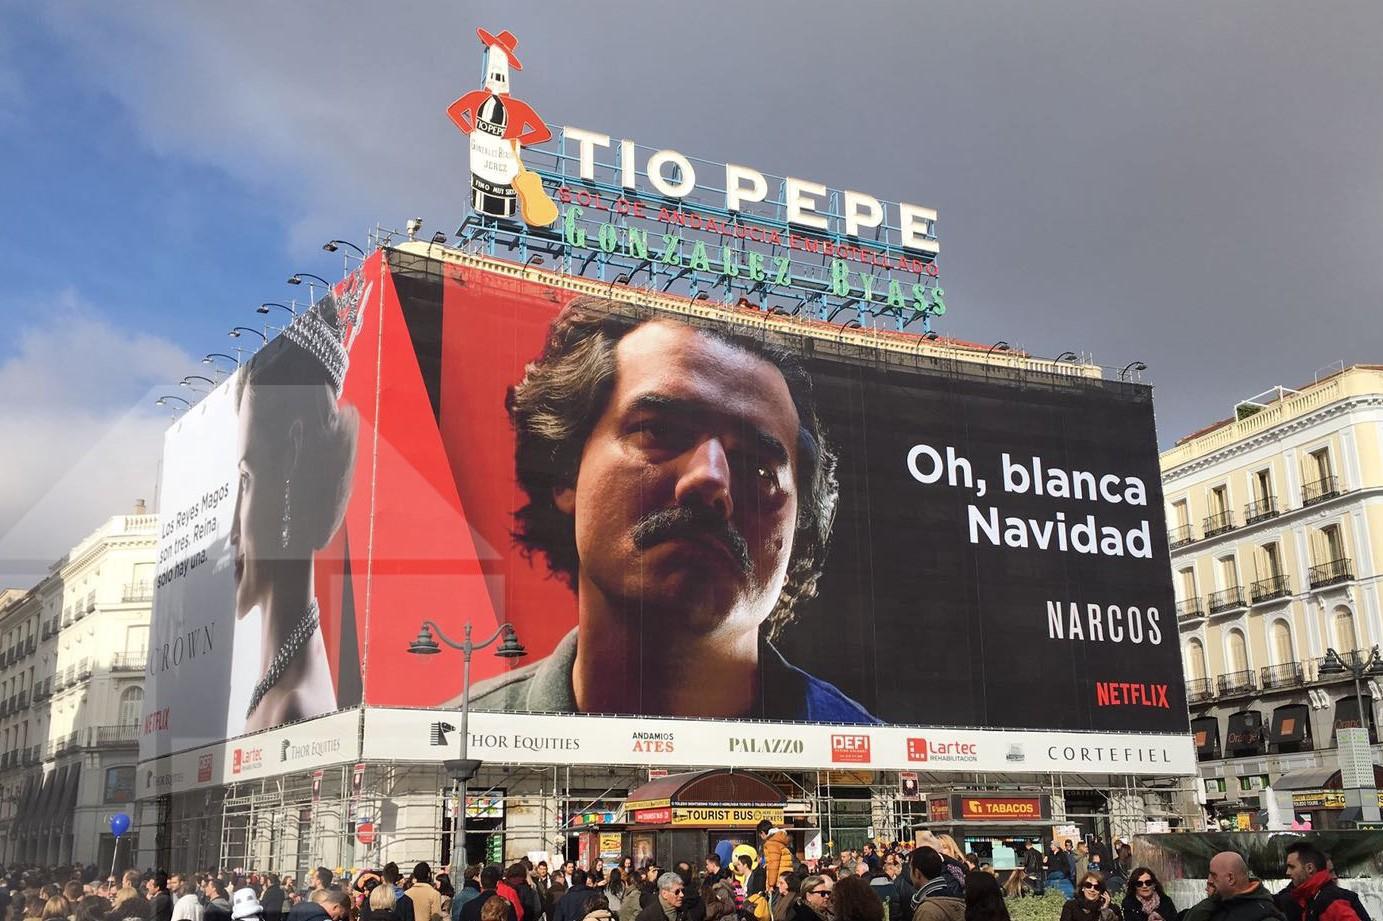 La apuesta de Netflix por la publicidad exterior